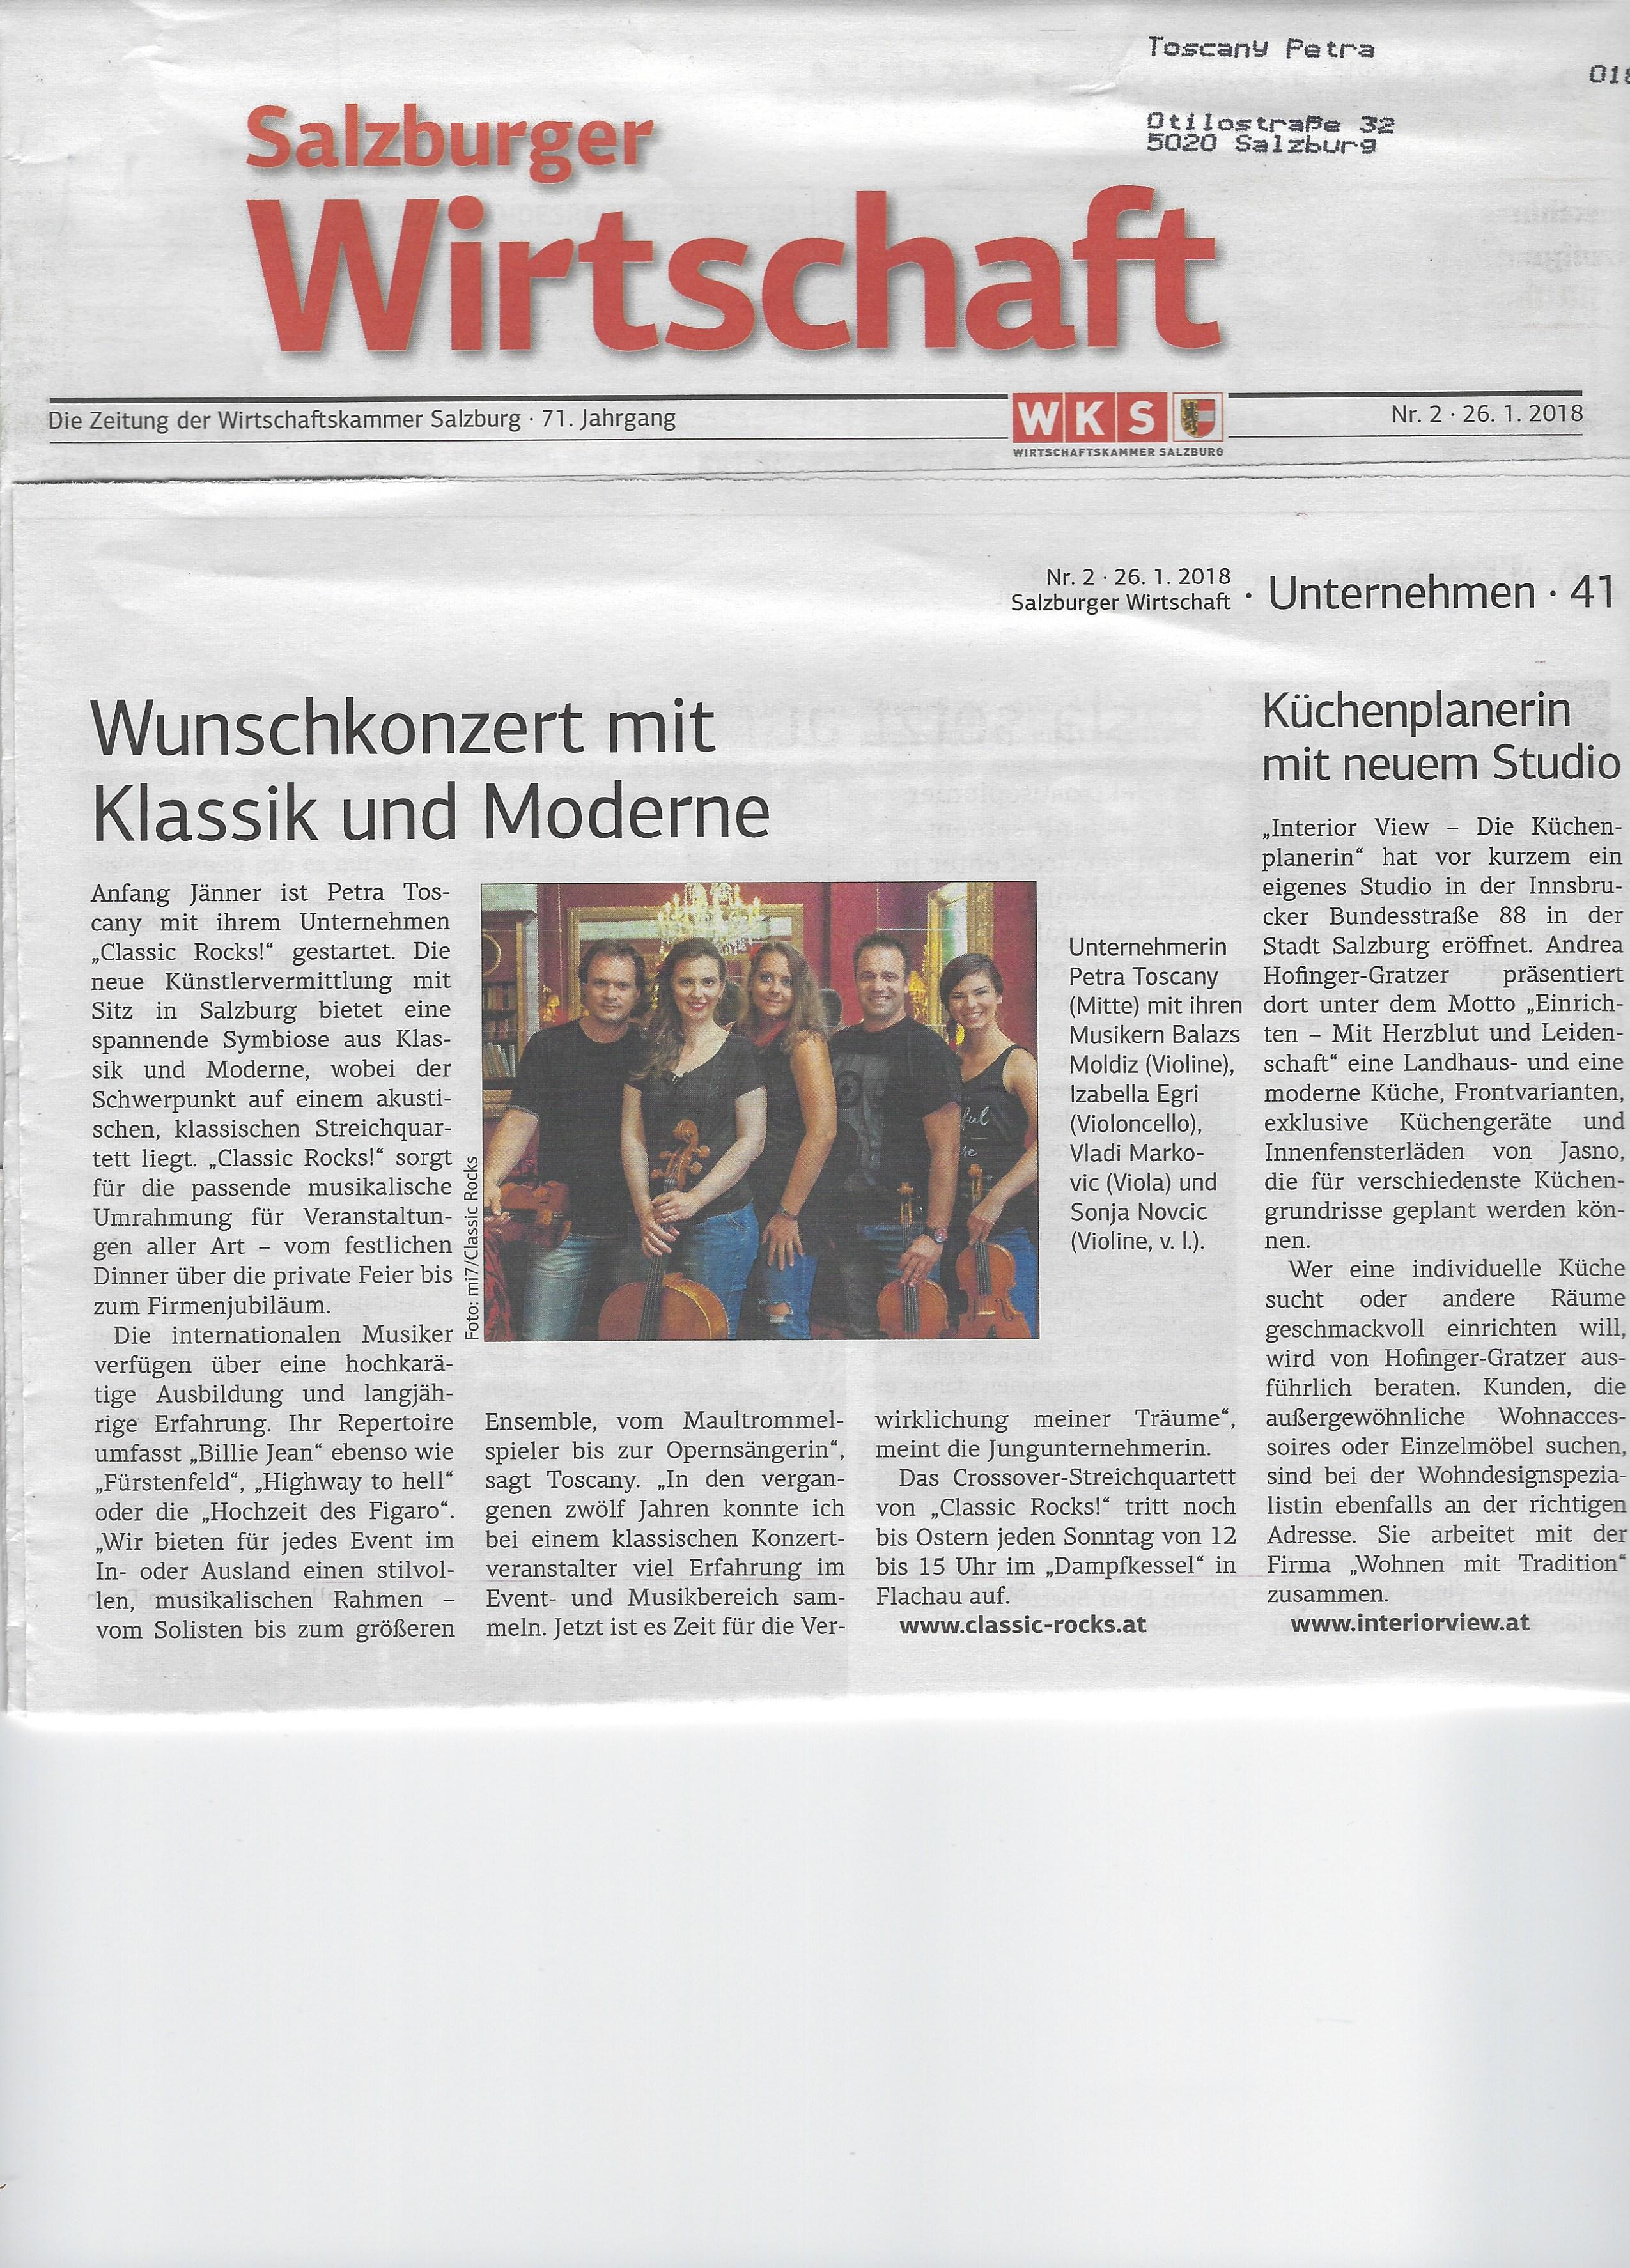 Salzburger Wirtschaft, 26.01.2018